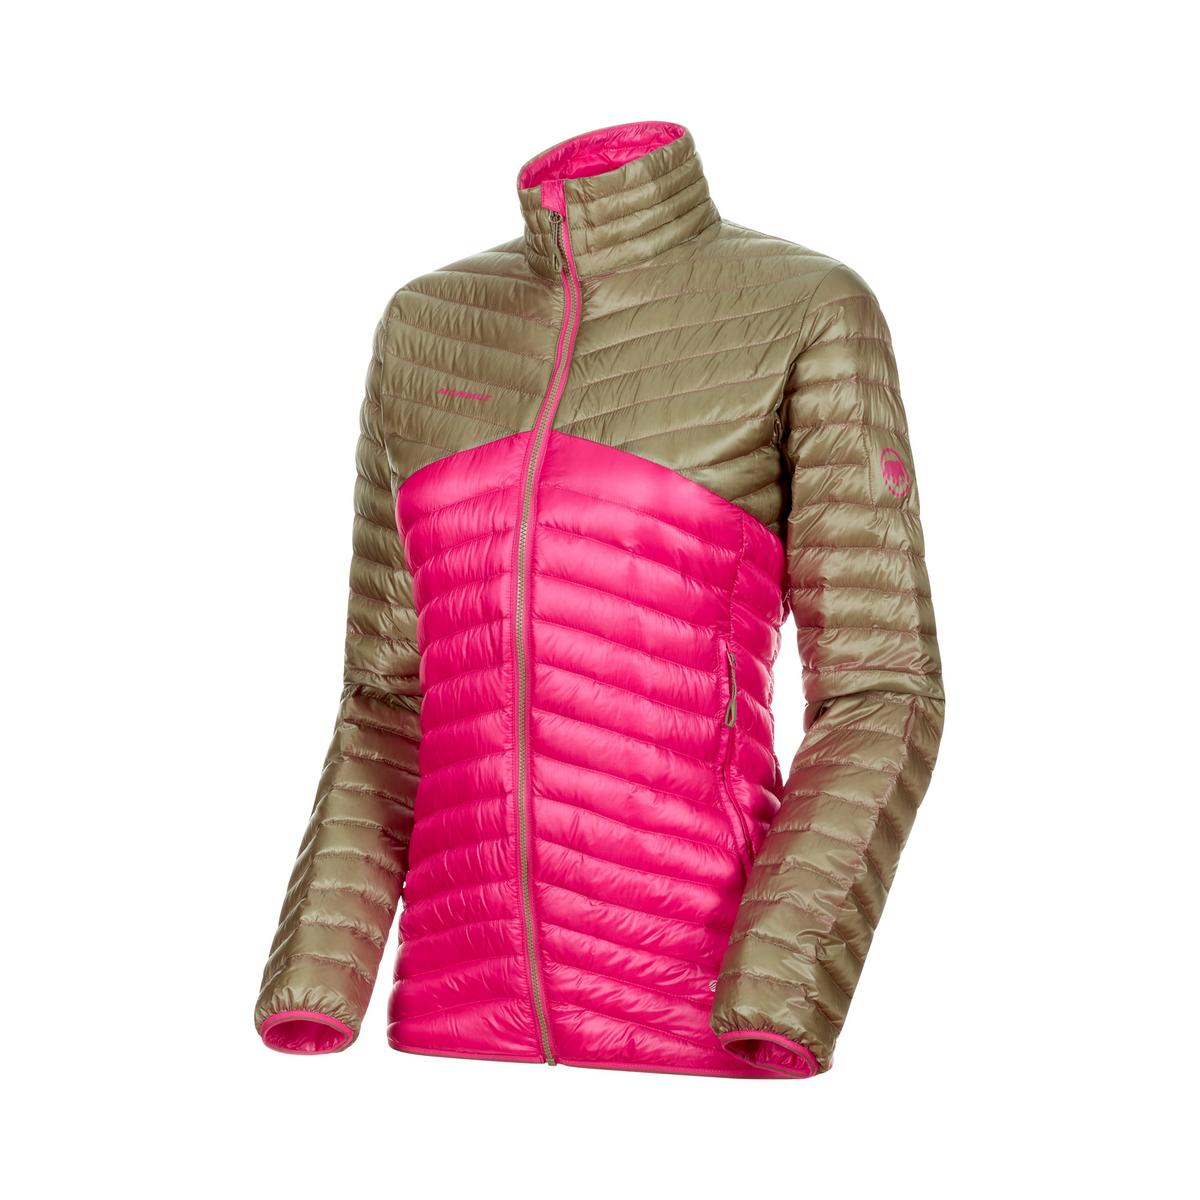 new product 48965 e5228 Broad Peak Light IN Jacket Women